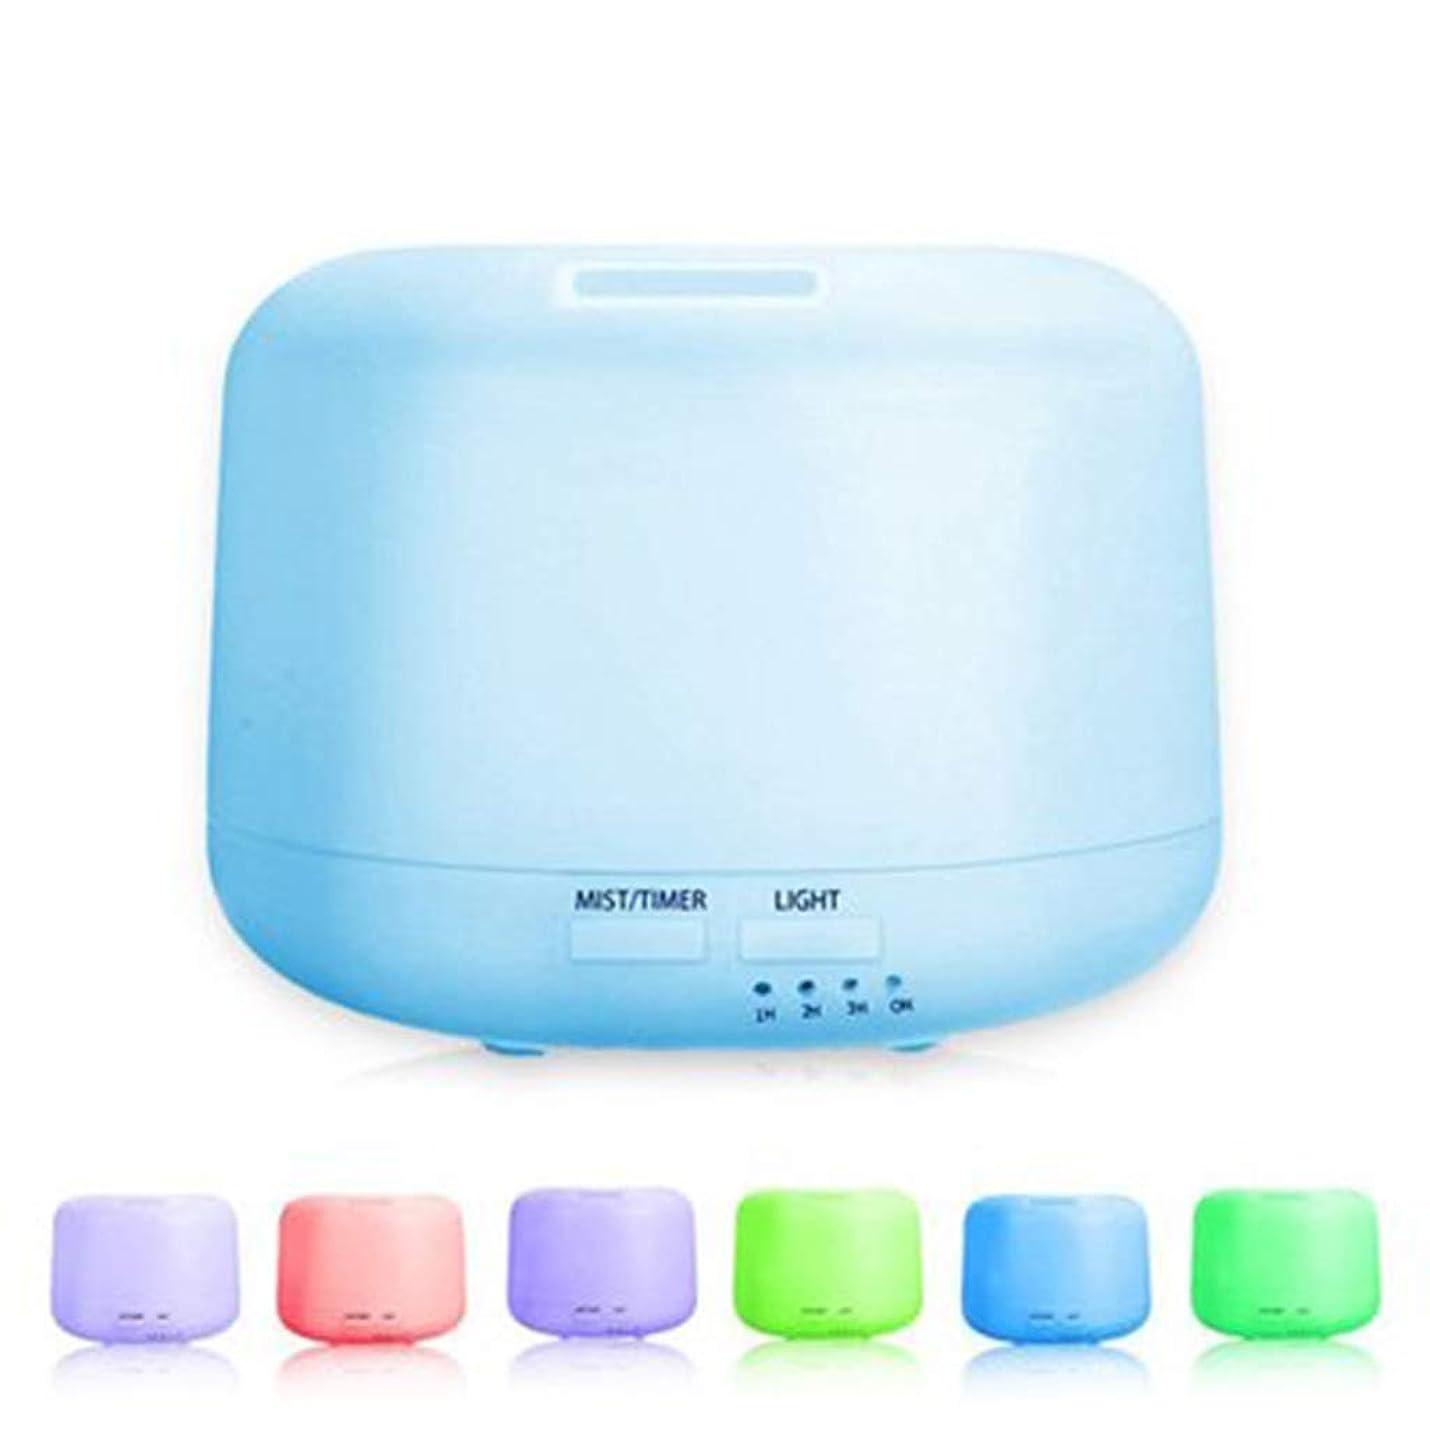 遷移掃くペストリー300ml拡散器の涼しい霧の加湿器の4つのタイマーおよび7つのLED色の変更ライトが付いている水なしの自動遮断 (Color : Colorful)